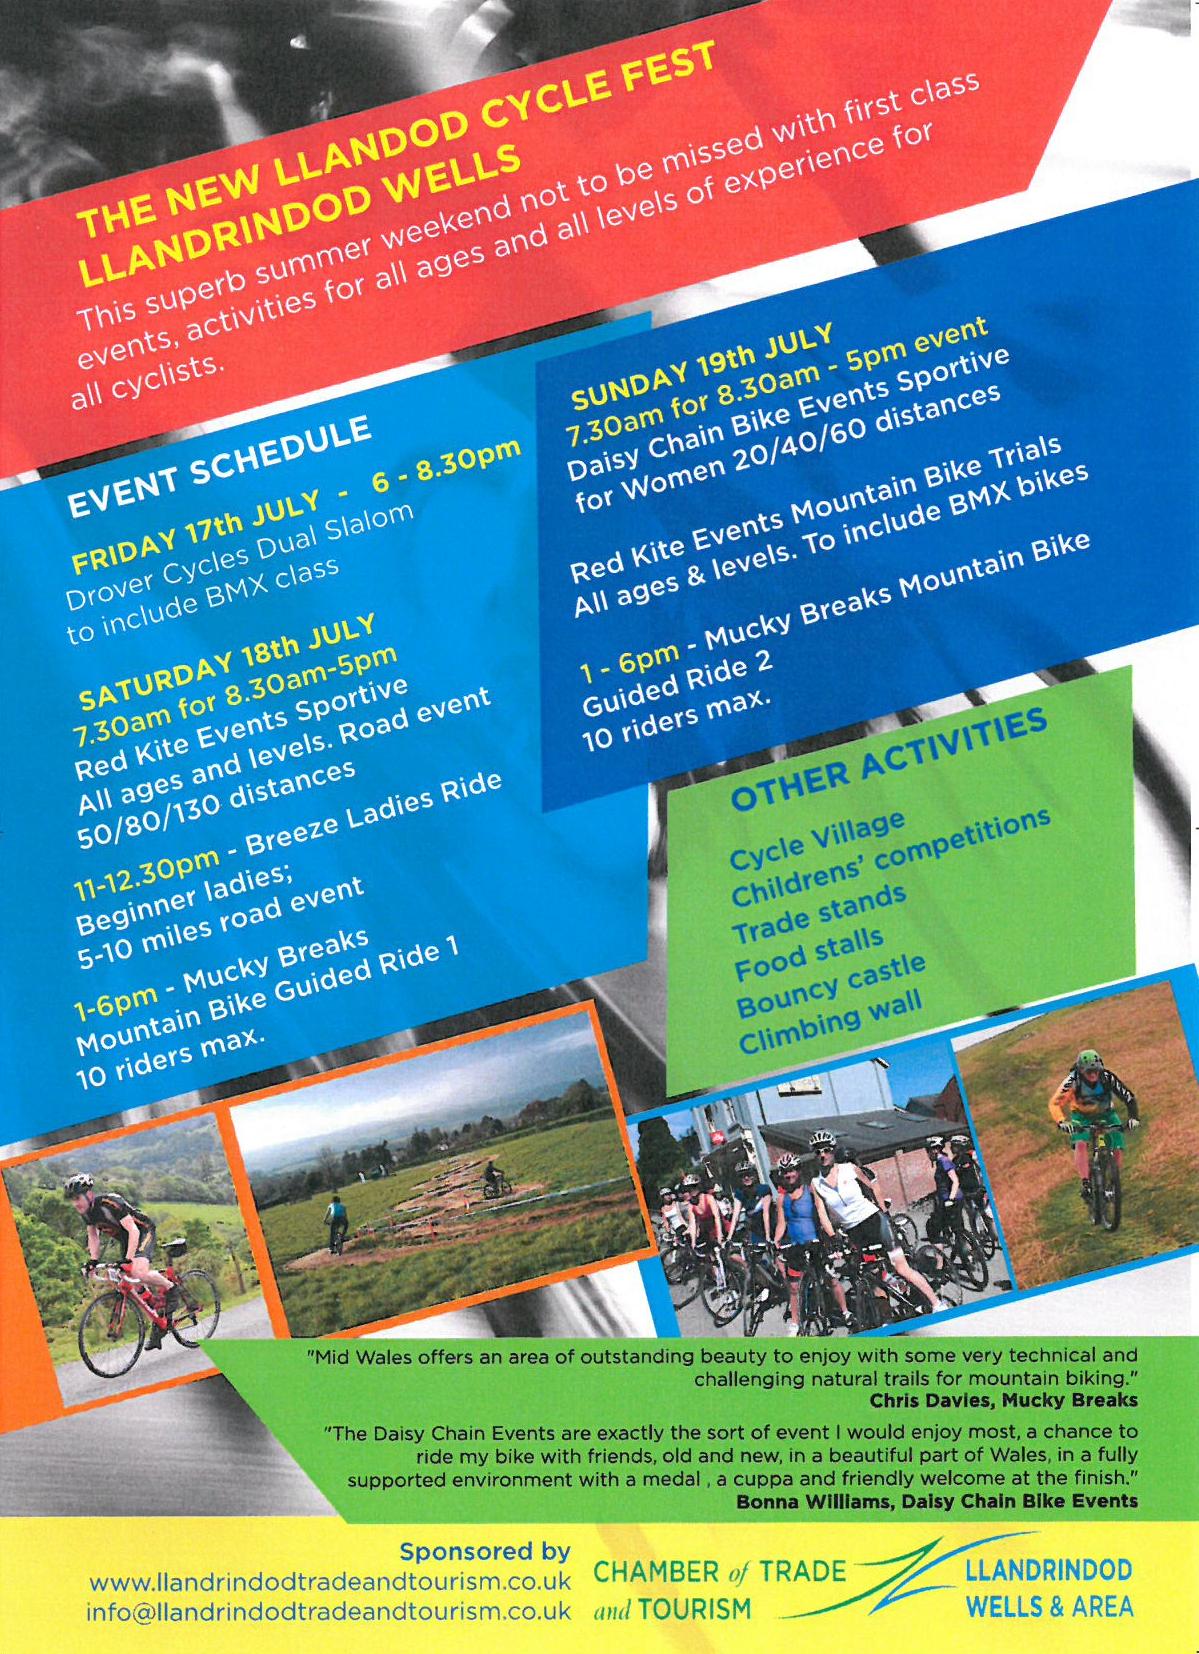 Llandod Cycle Fest